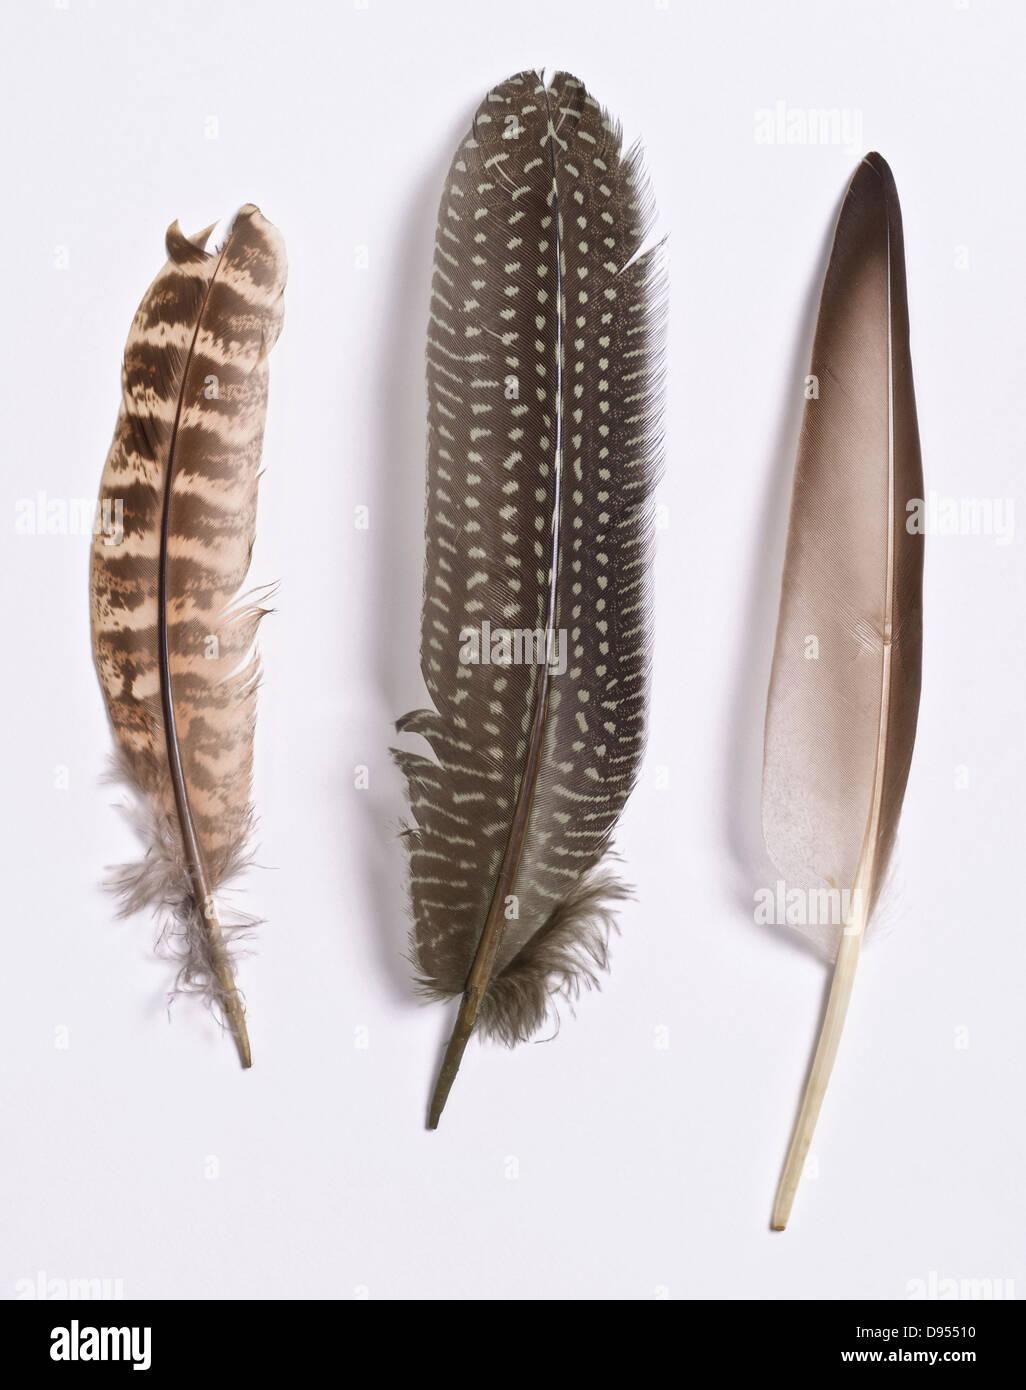 3 plumes d'oiseau à gauche est une poule Wing Quill, faisan, poule est centre droit est Duck Photo Stock